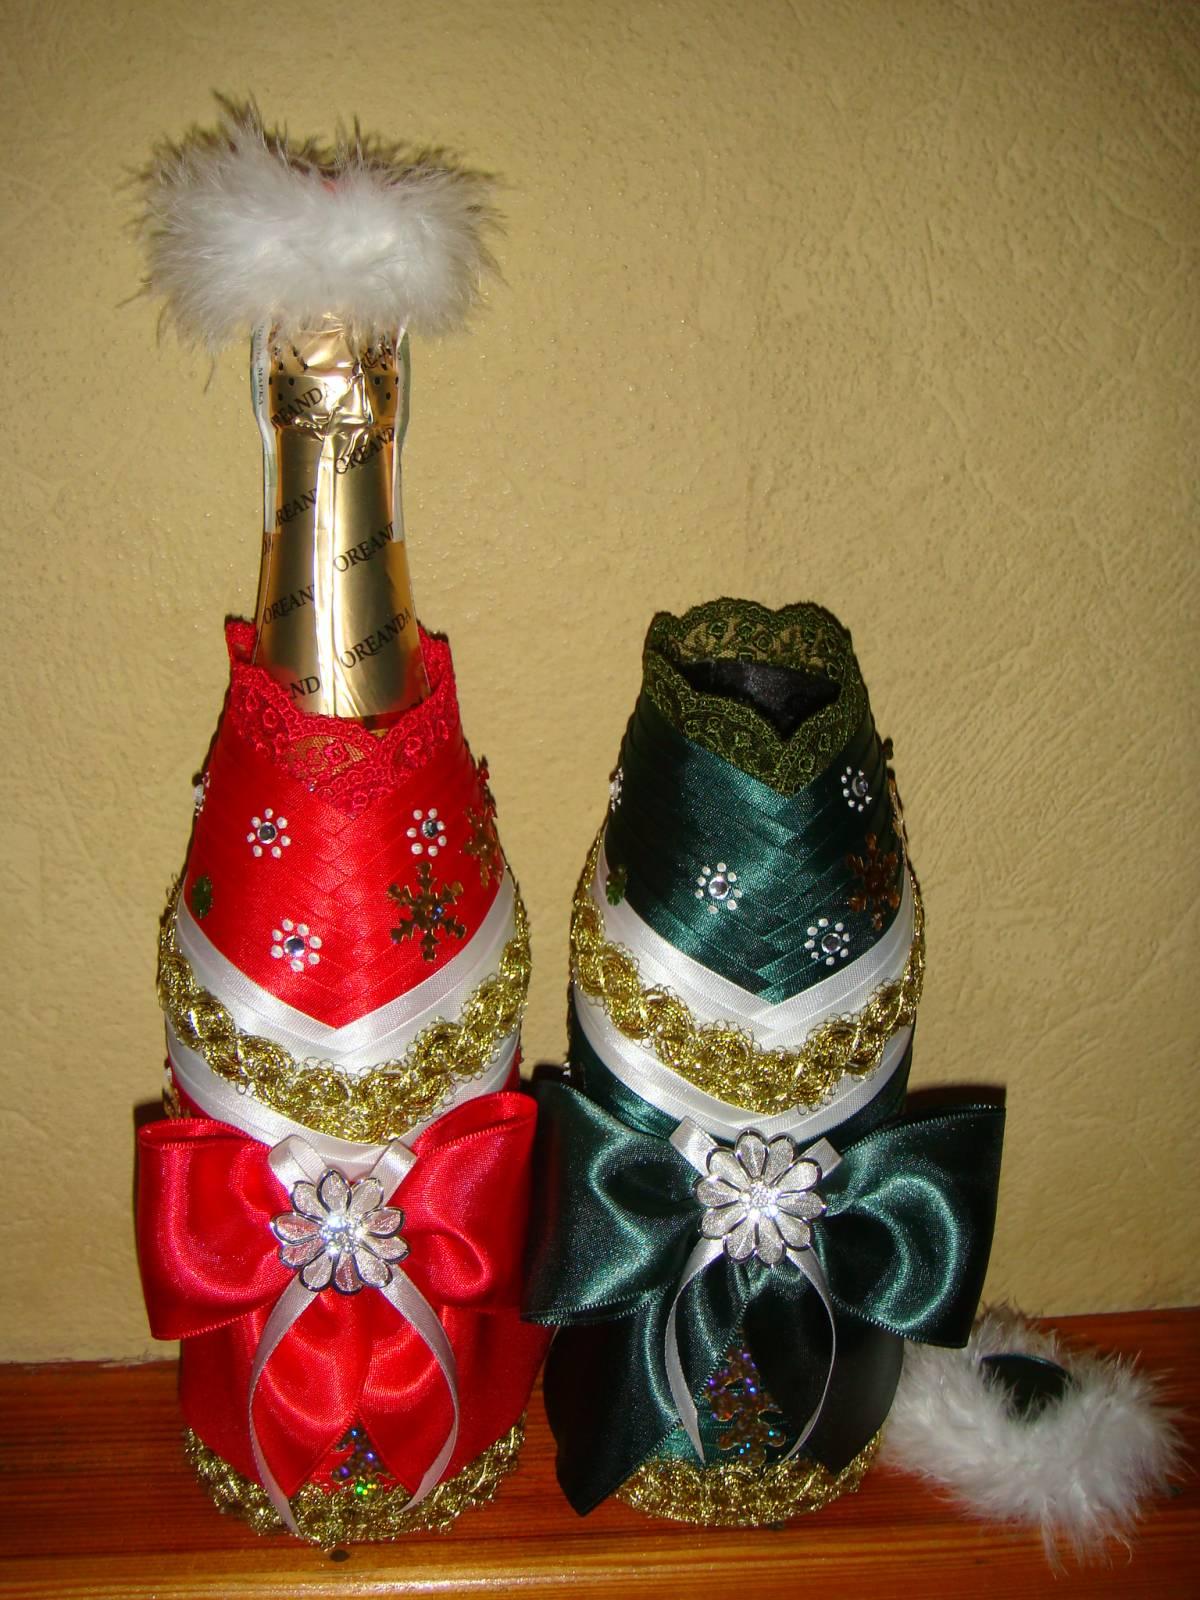 Съемное украшение для шампанского. Дед Мороз. Мастер 394